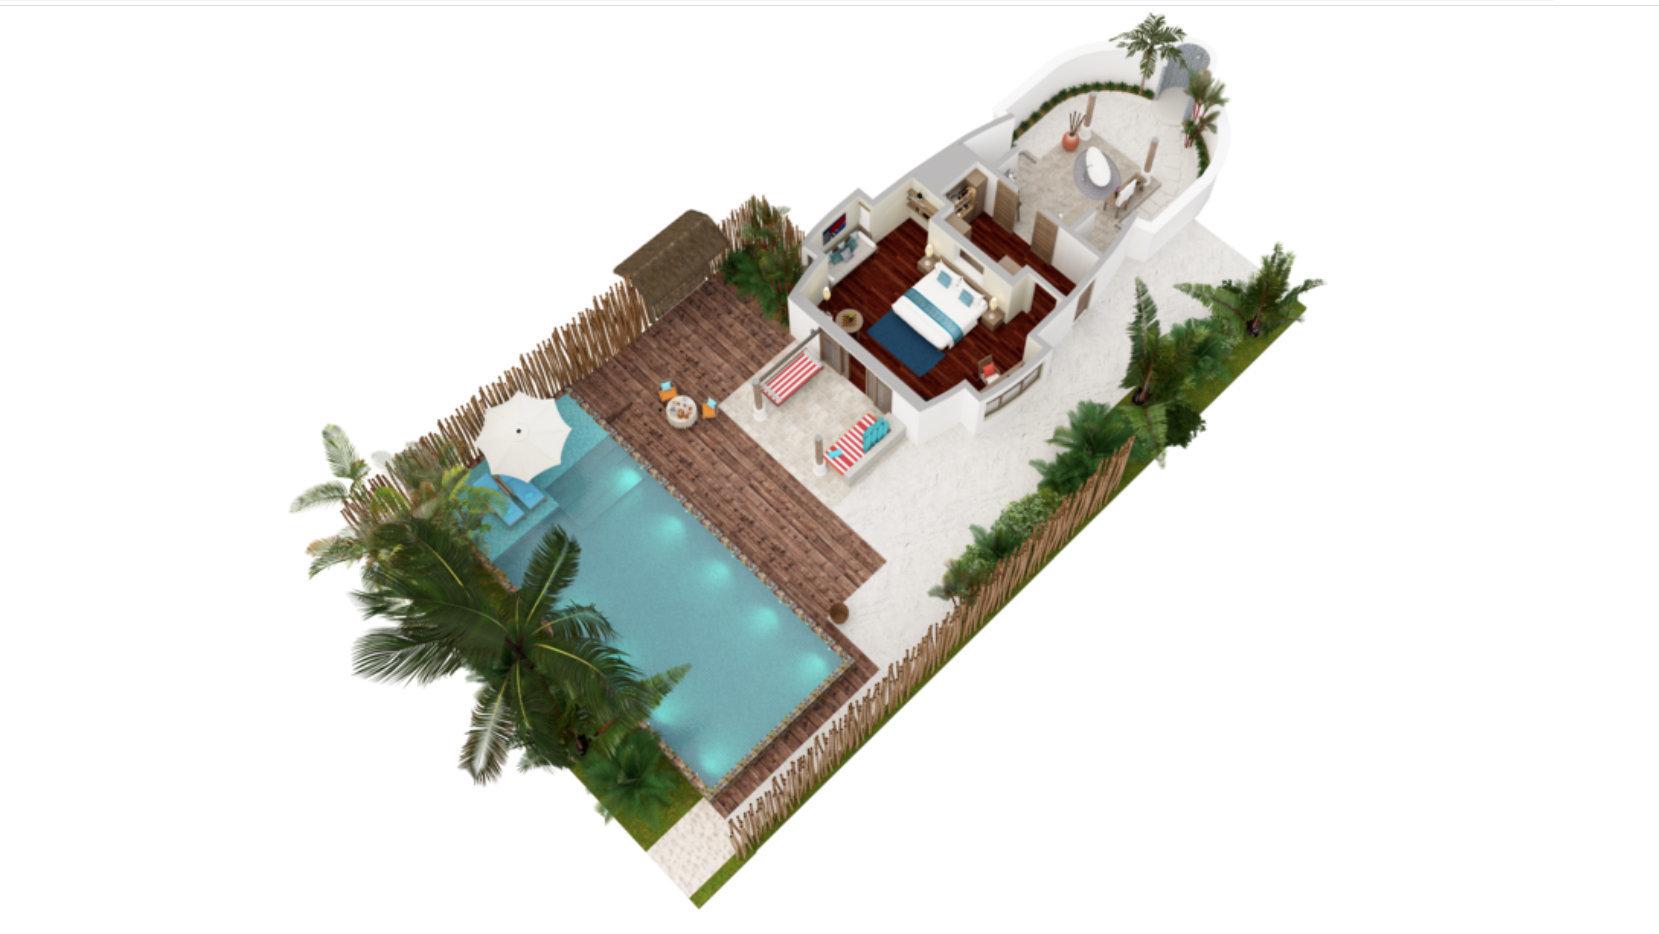 Мальдивы, отель Anantara Dhigu Maldives Resort, план-схема номера Anantara Pool Villa